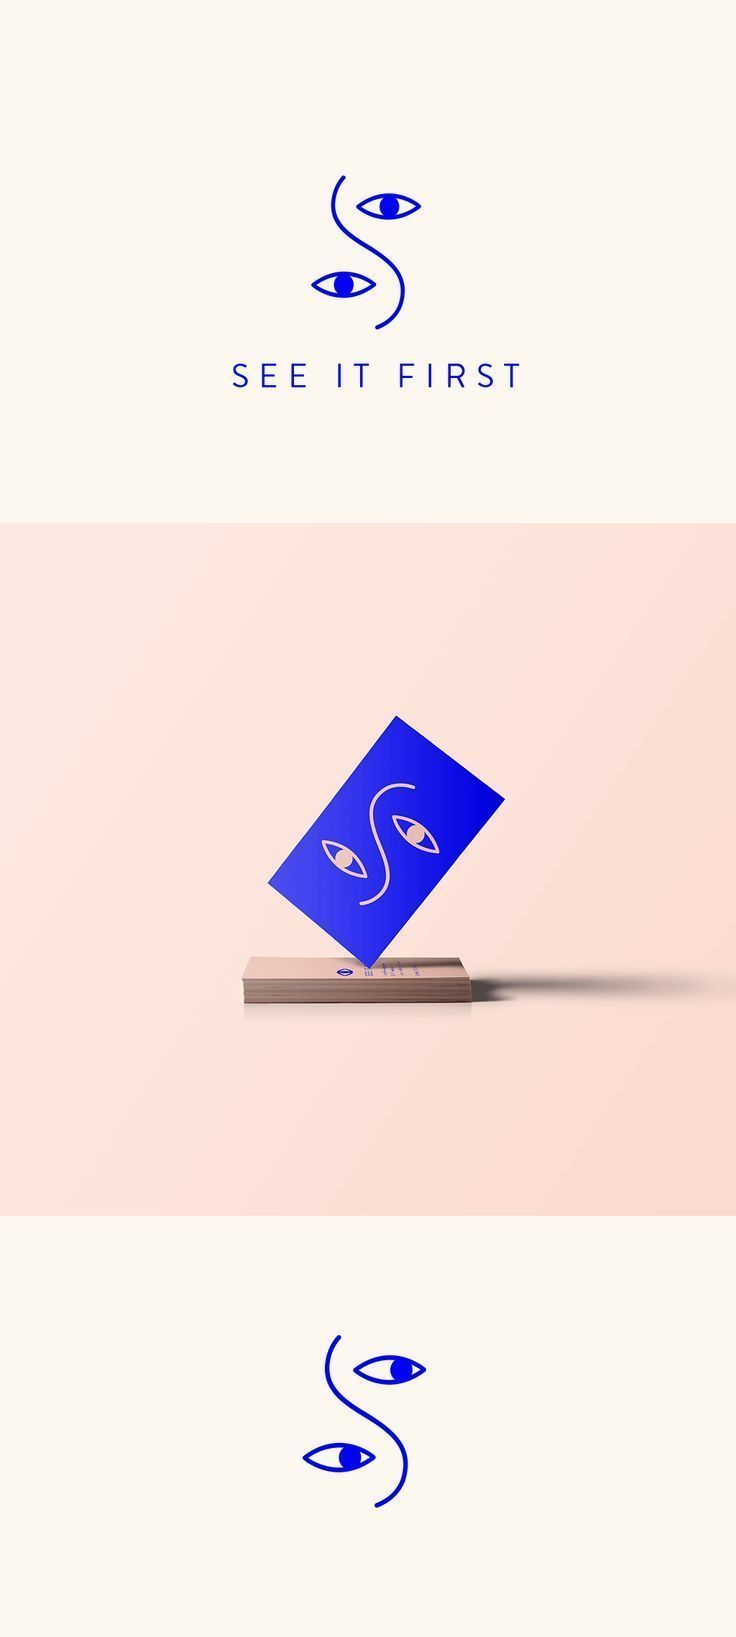 Voyez-le d'abord sur Behance, graphisme moderne, design épuré aux formes géométriques ...,